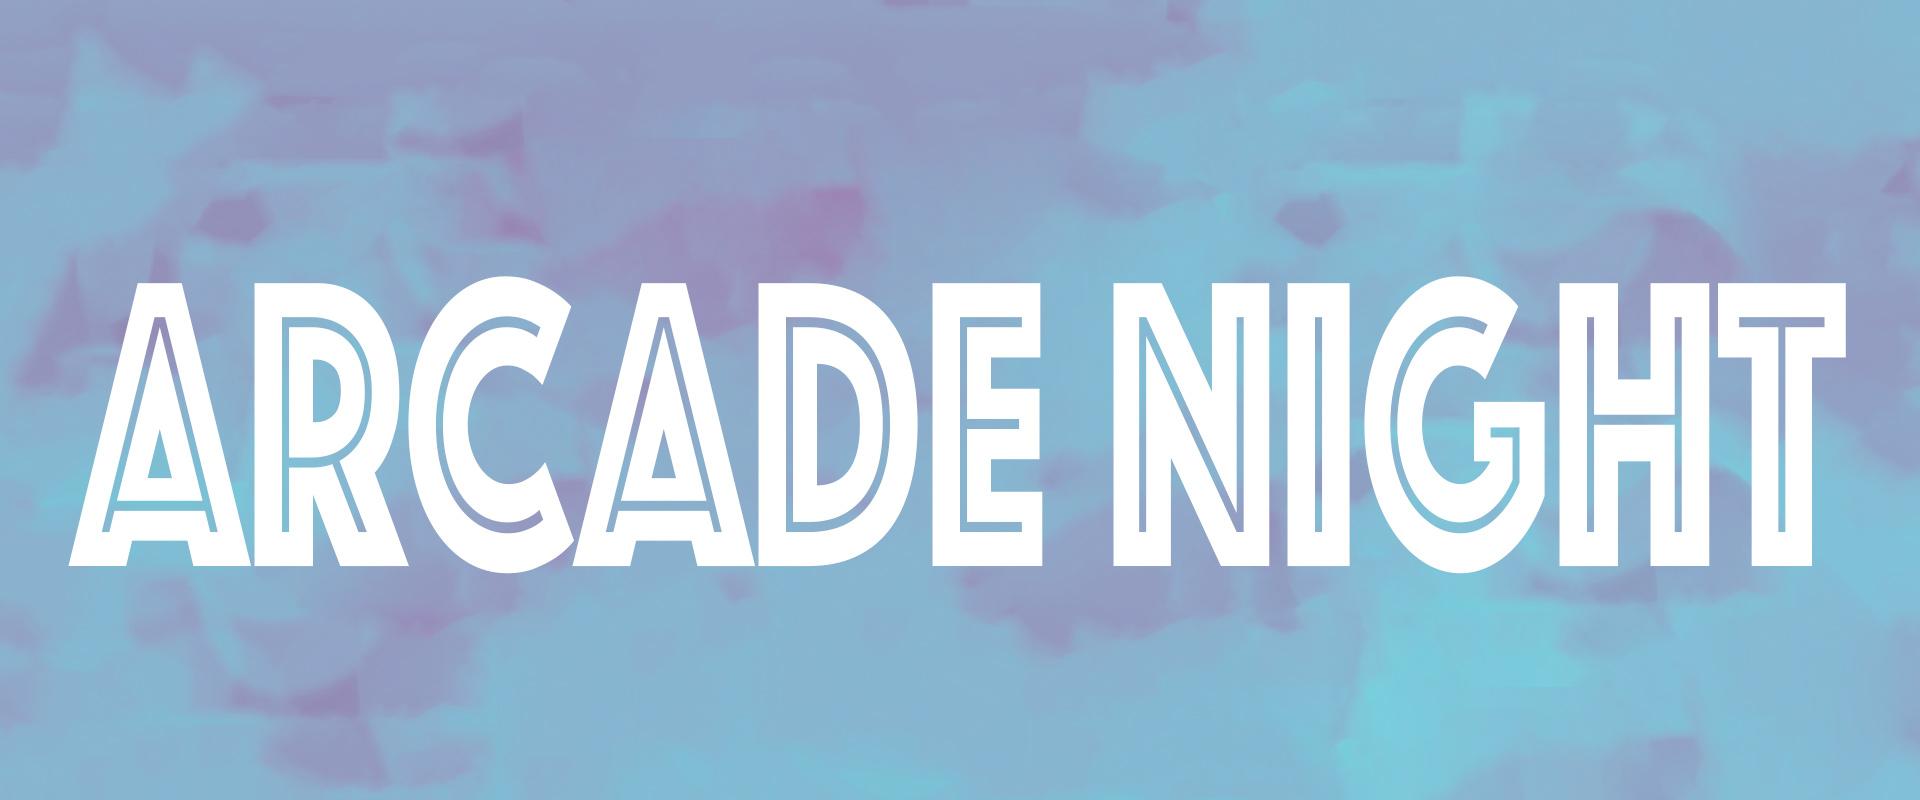 Arcade night